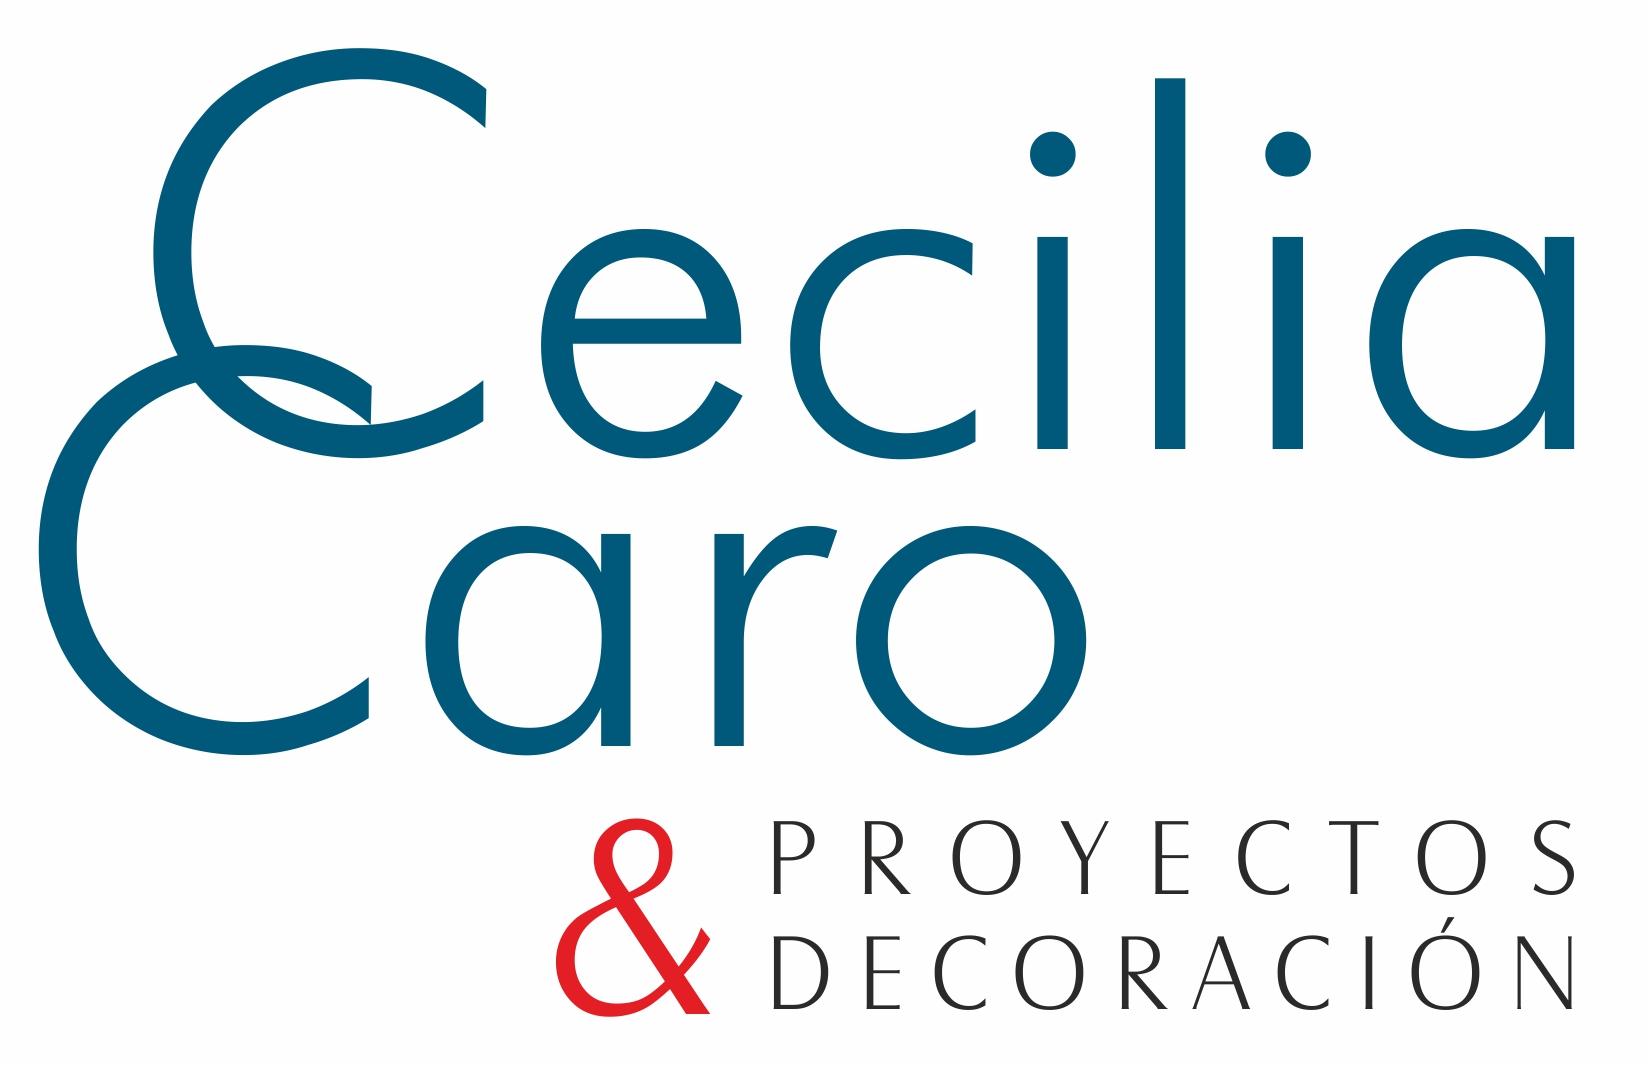 Cecilia Caro